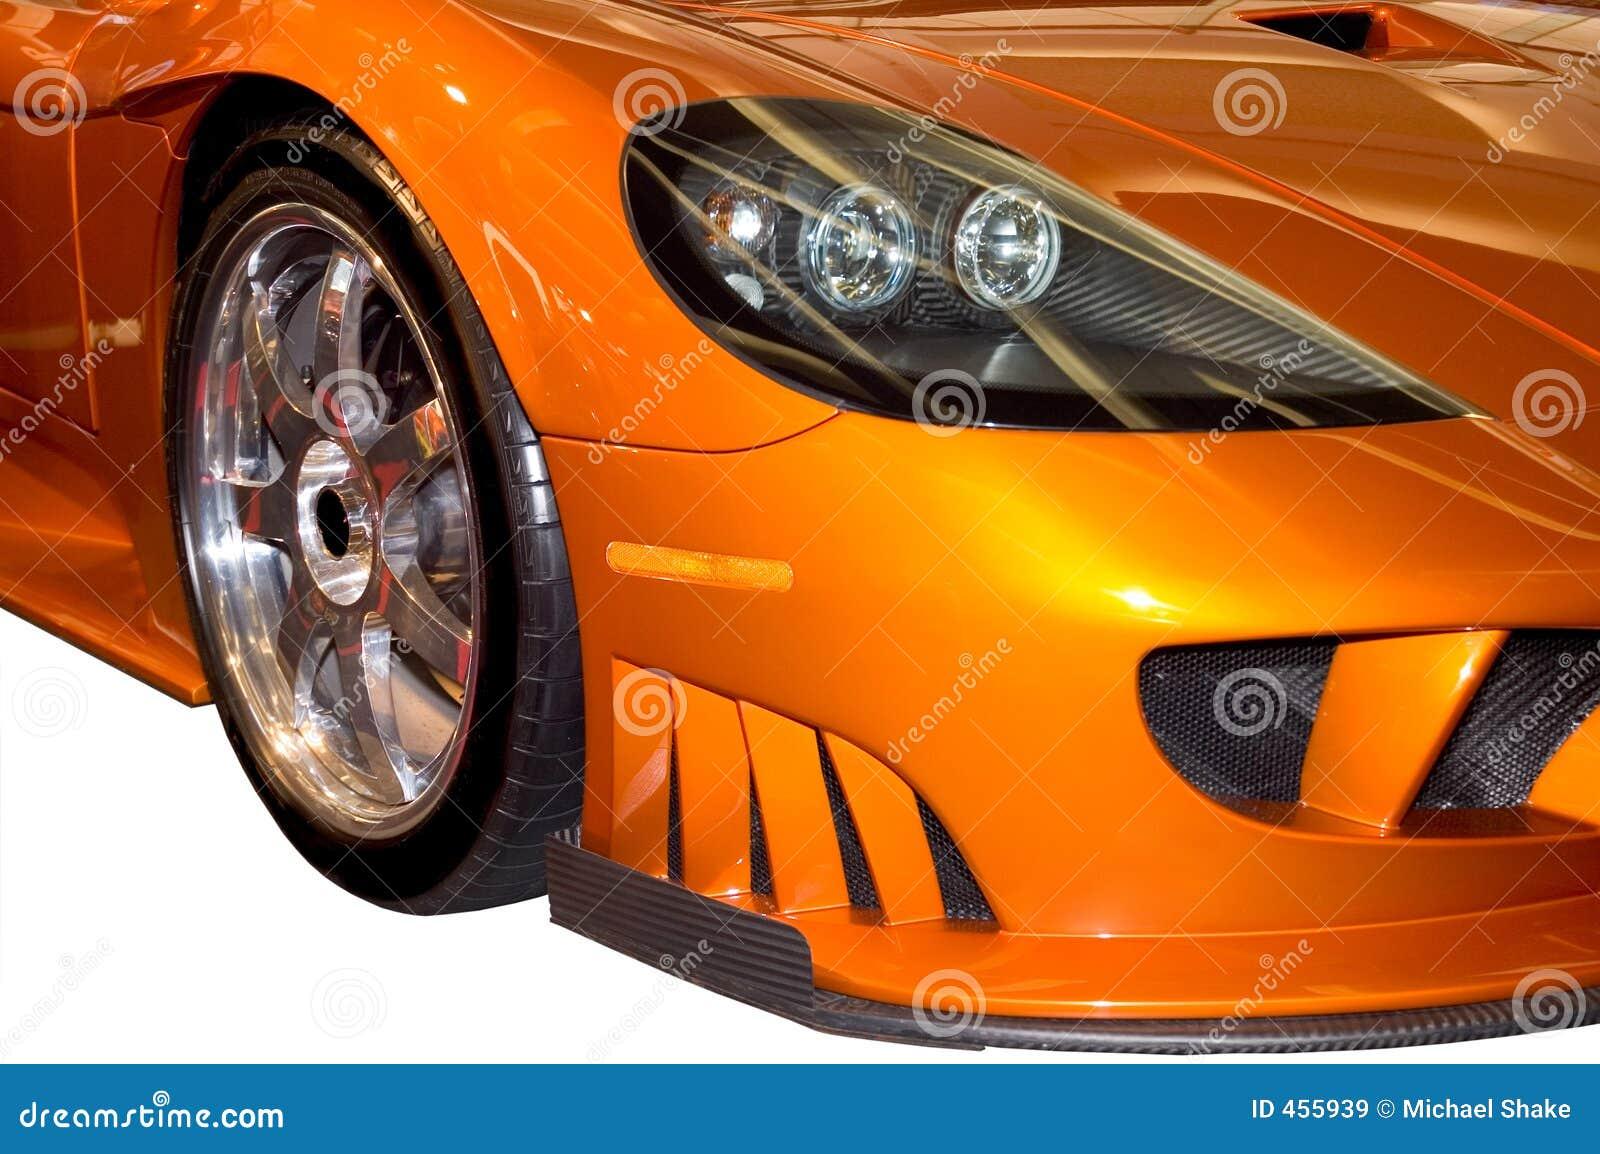 Cuscino ammortizzatore fronte di un automobile sportiva alla moda di Saleen